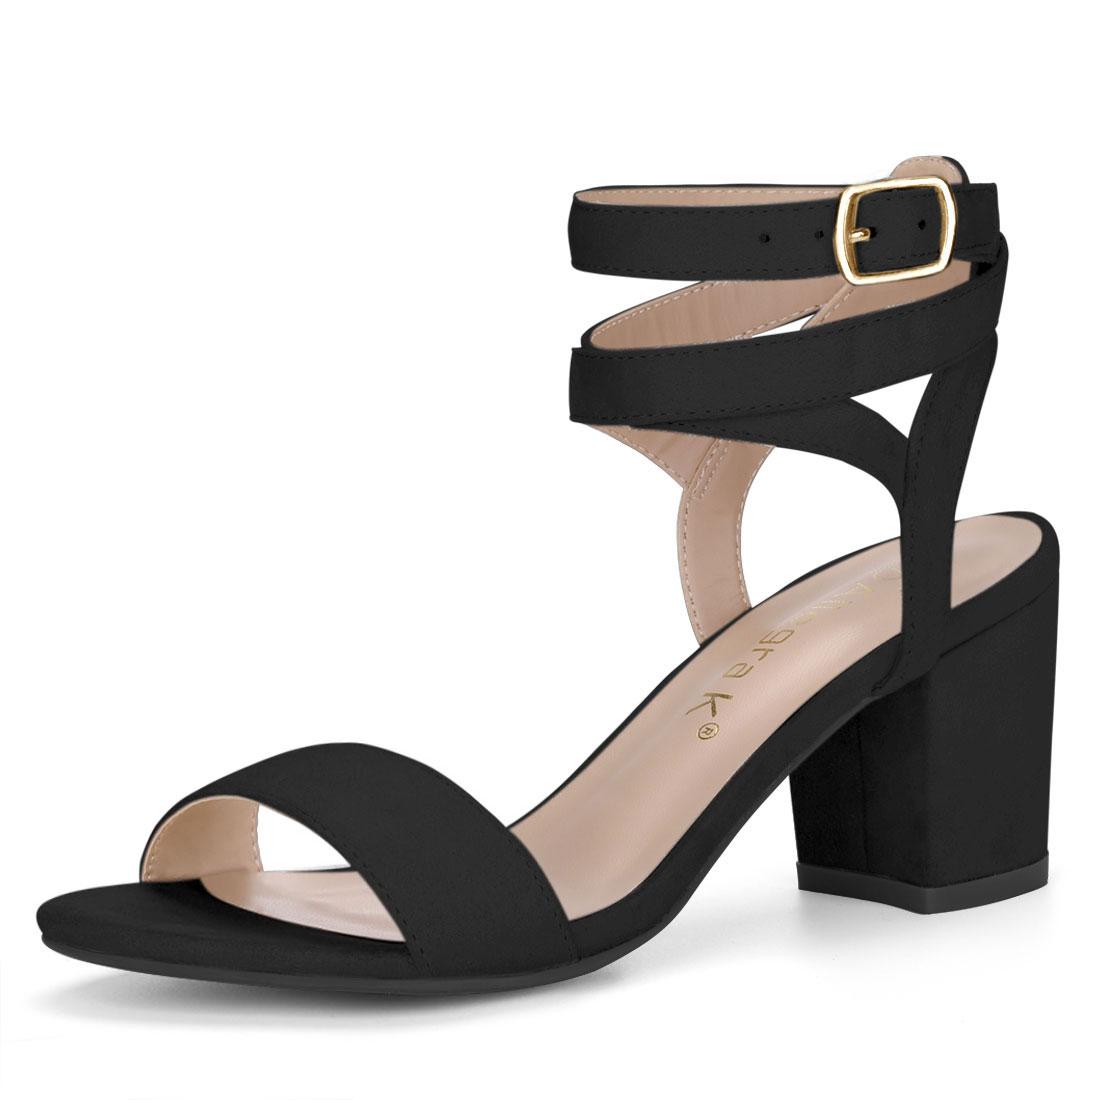 Allegra K Women's Block Heels Double Ankle Straps Sandals BlackUS 6